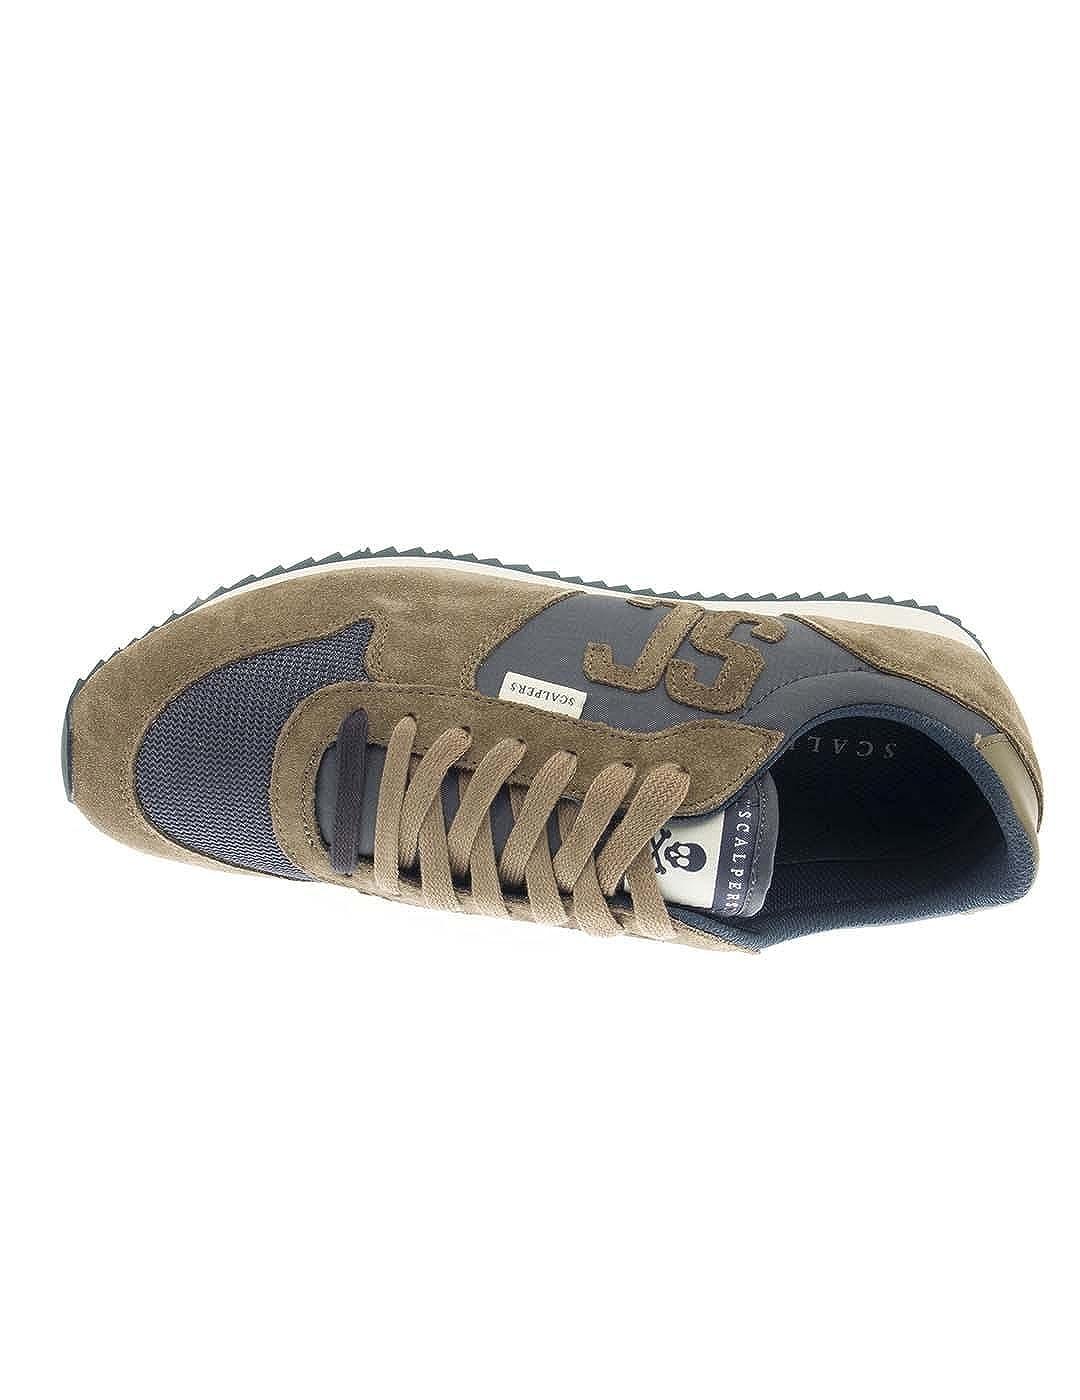 Zapatilla SCALPERS SC Insignia 02 Khaki: Amazon.es: Zapatos y complementos